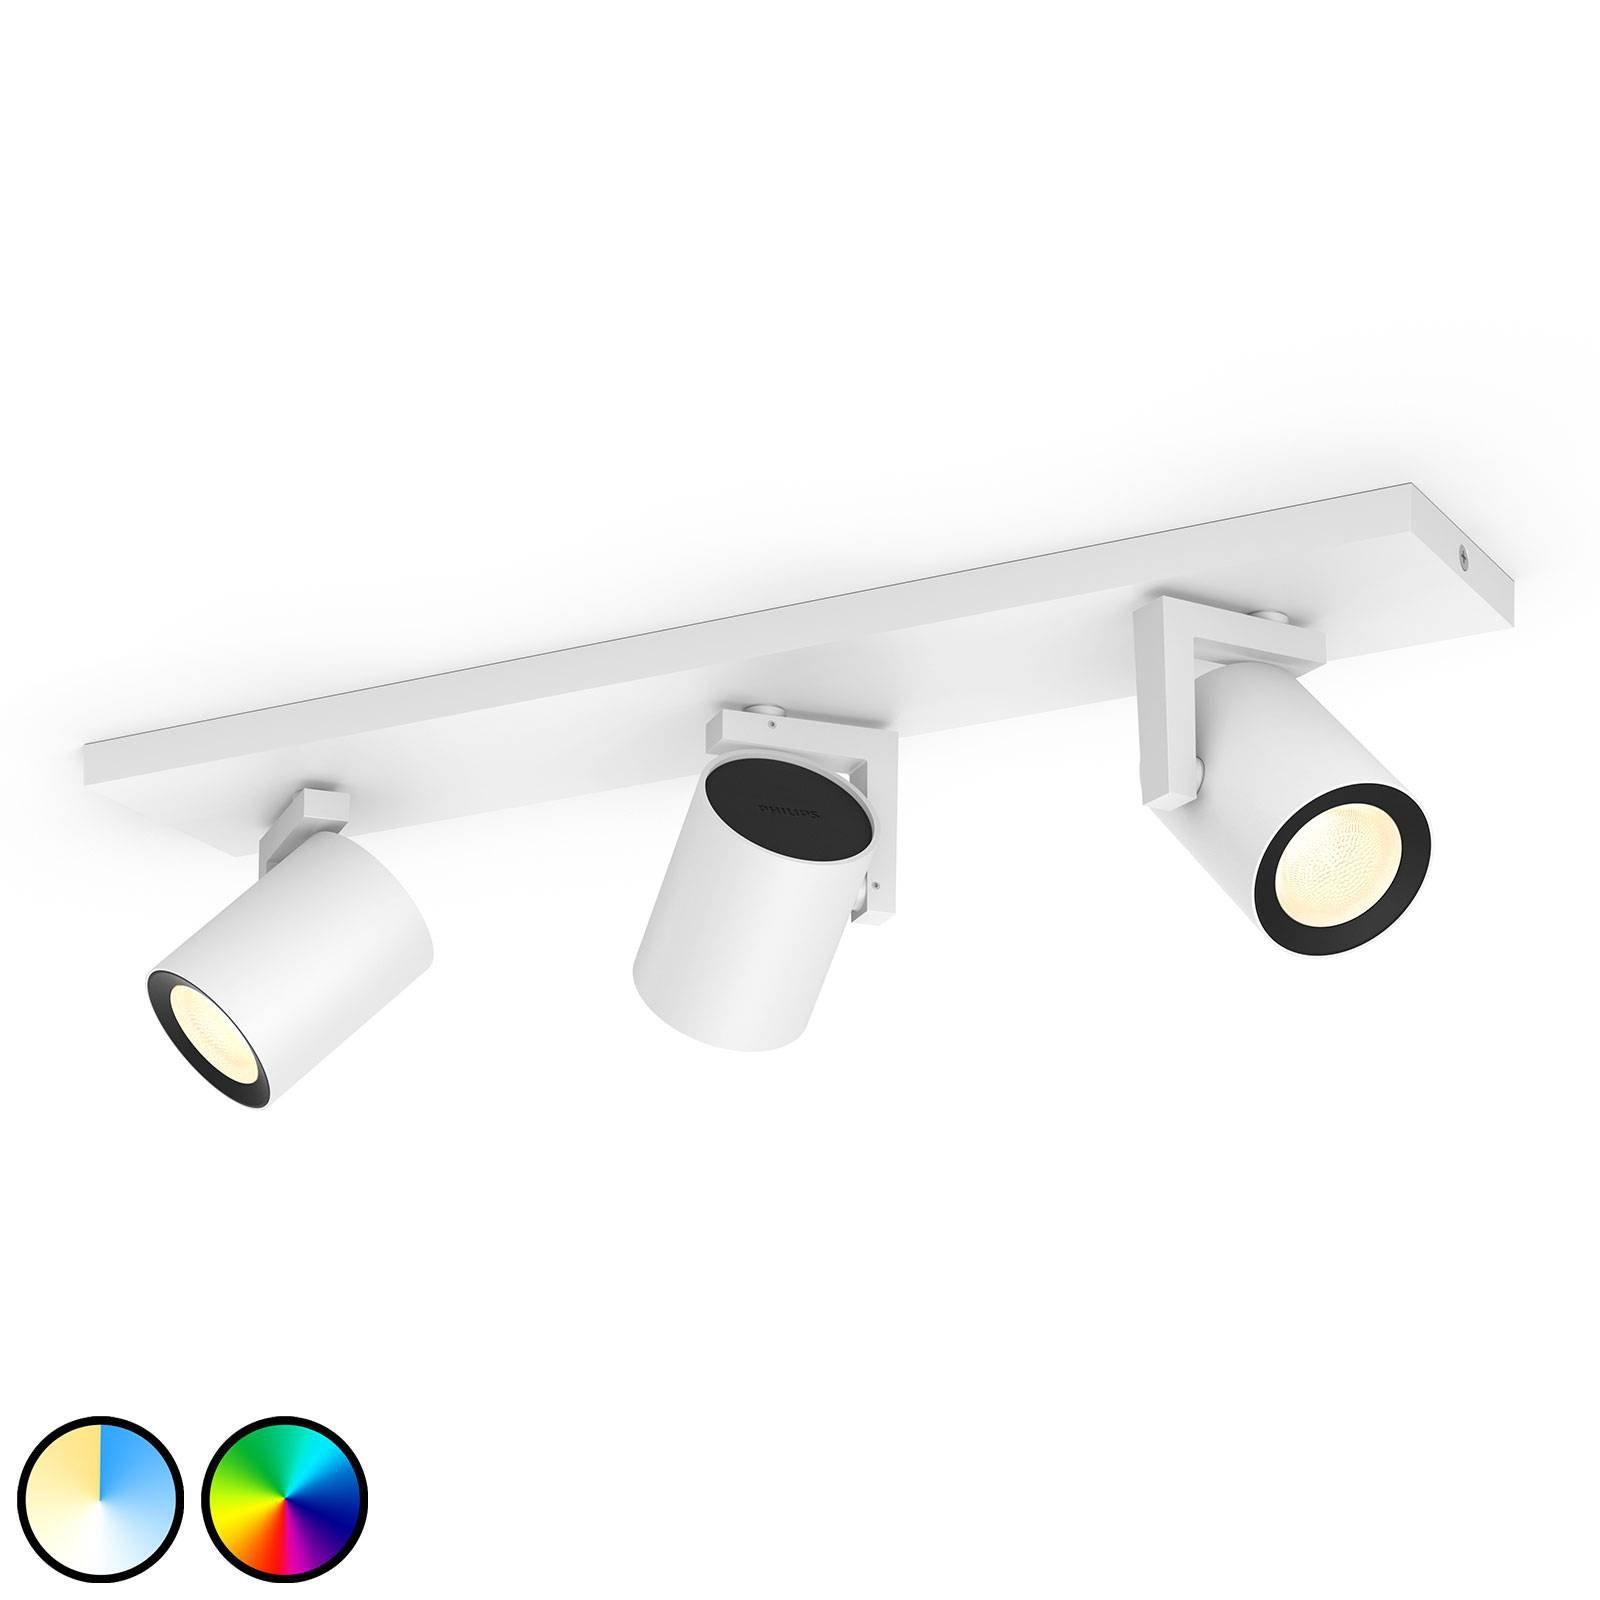 Philips Hue Argenta LED-spot tre lyskilder hvit